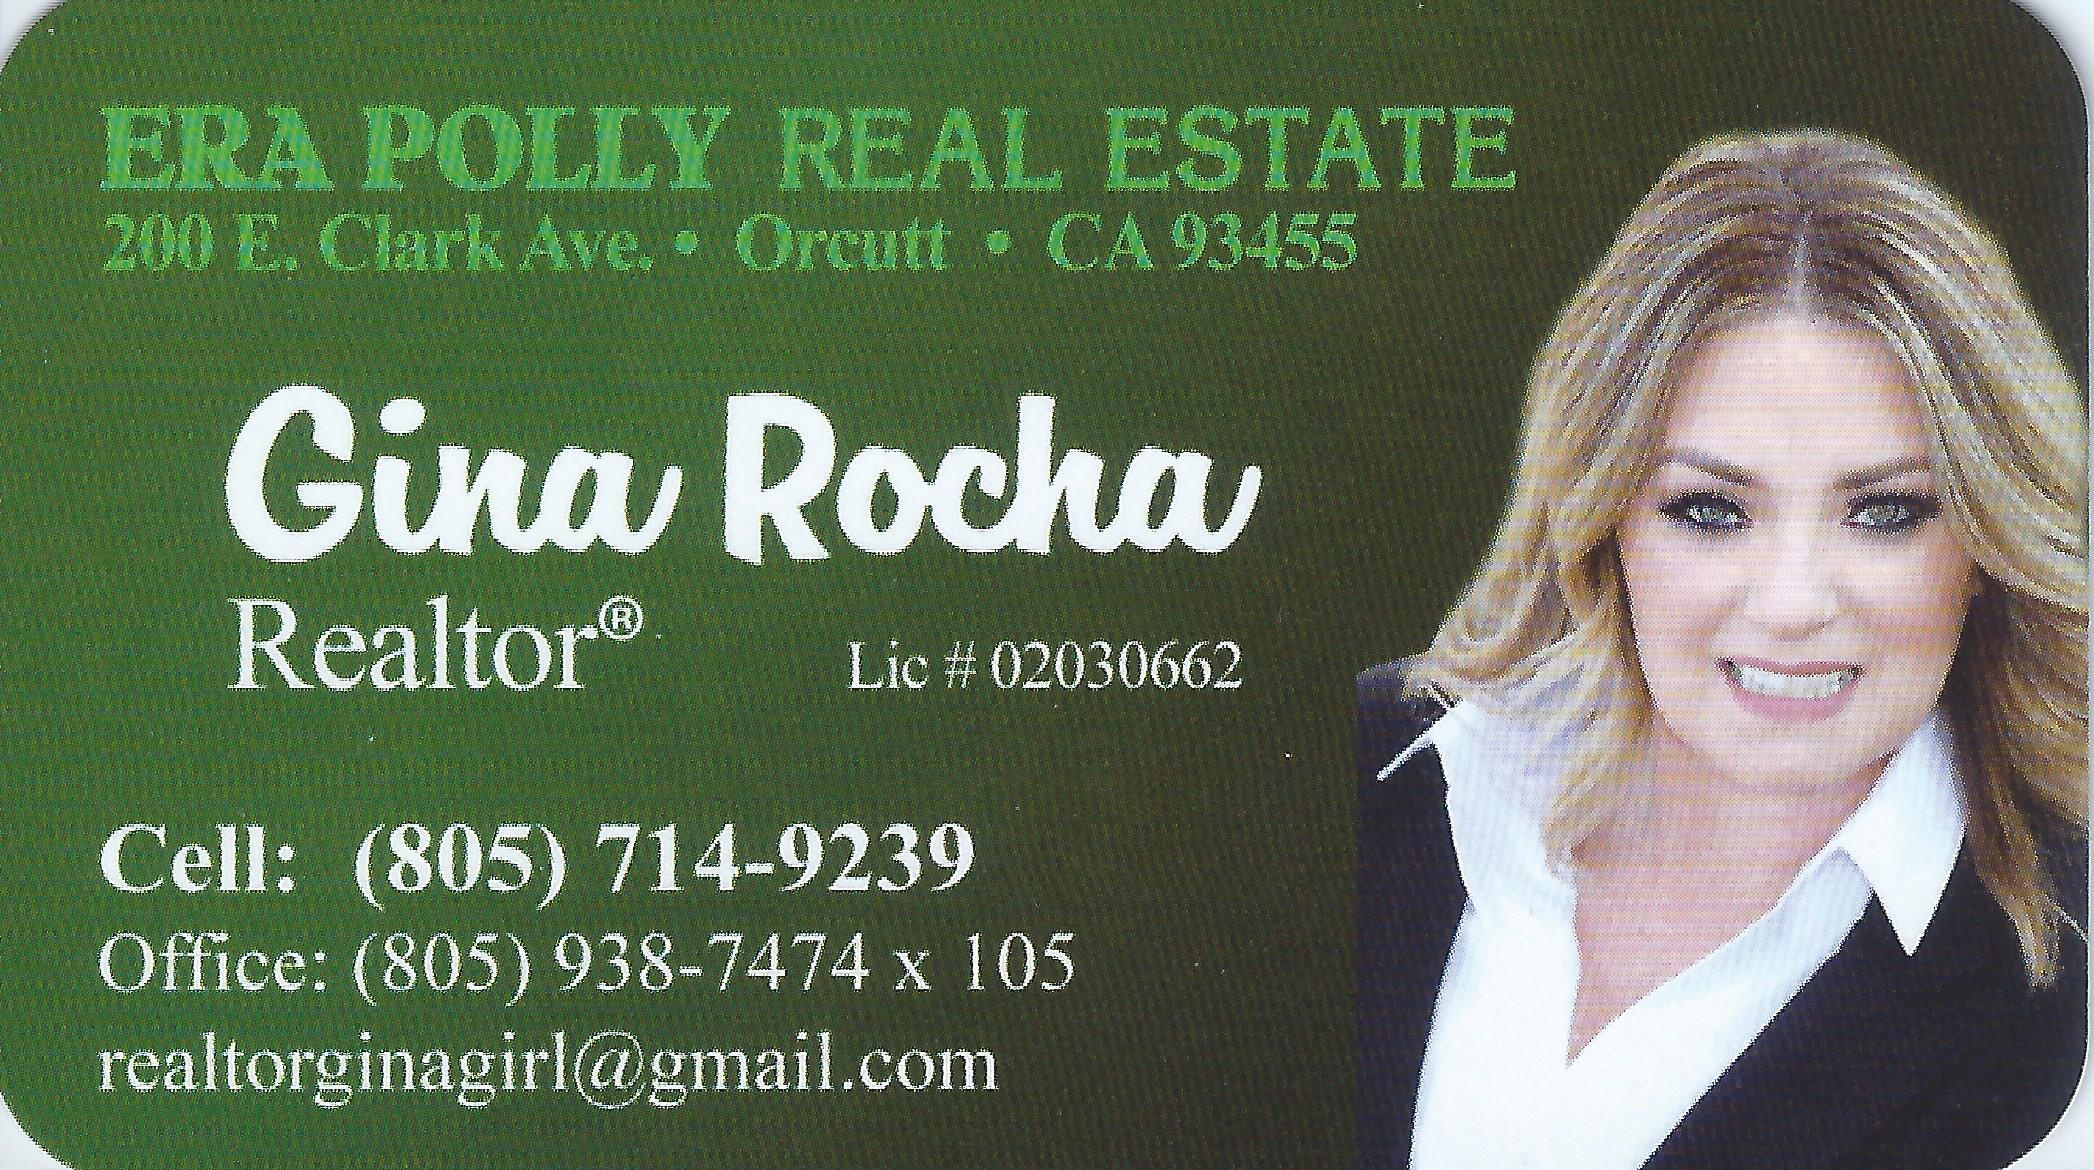 Gina Rocha